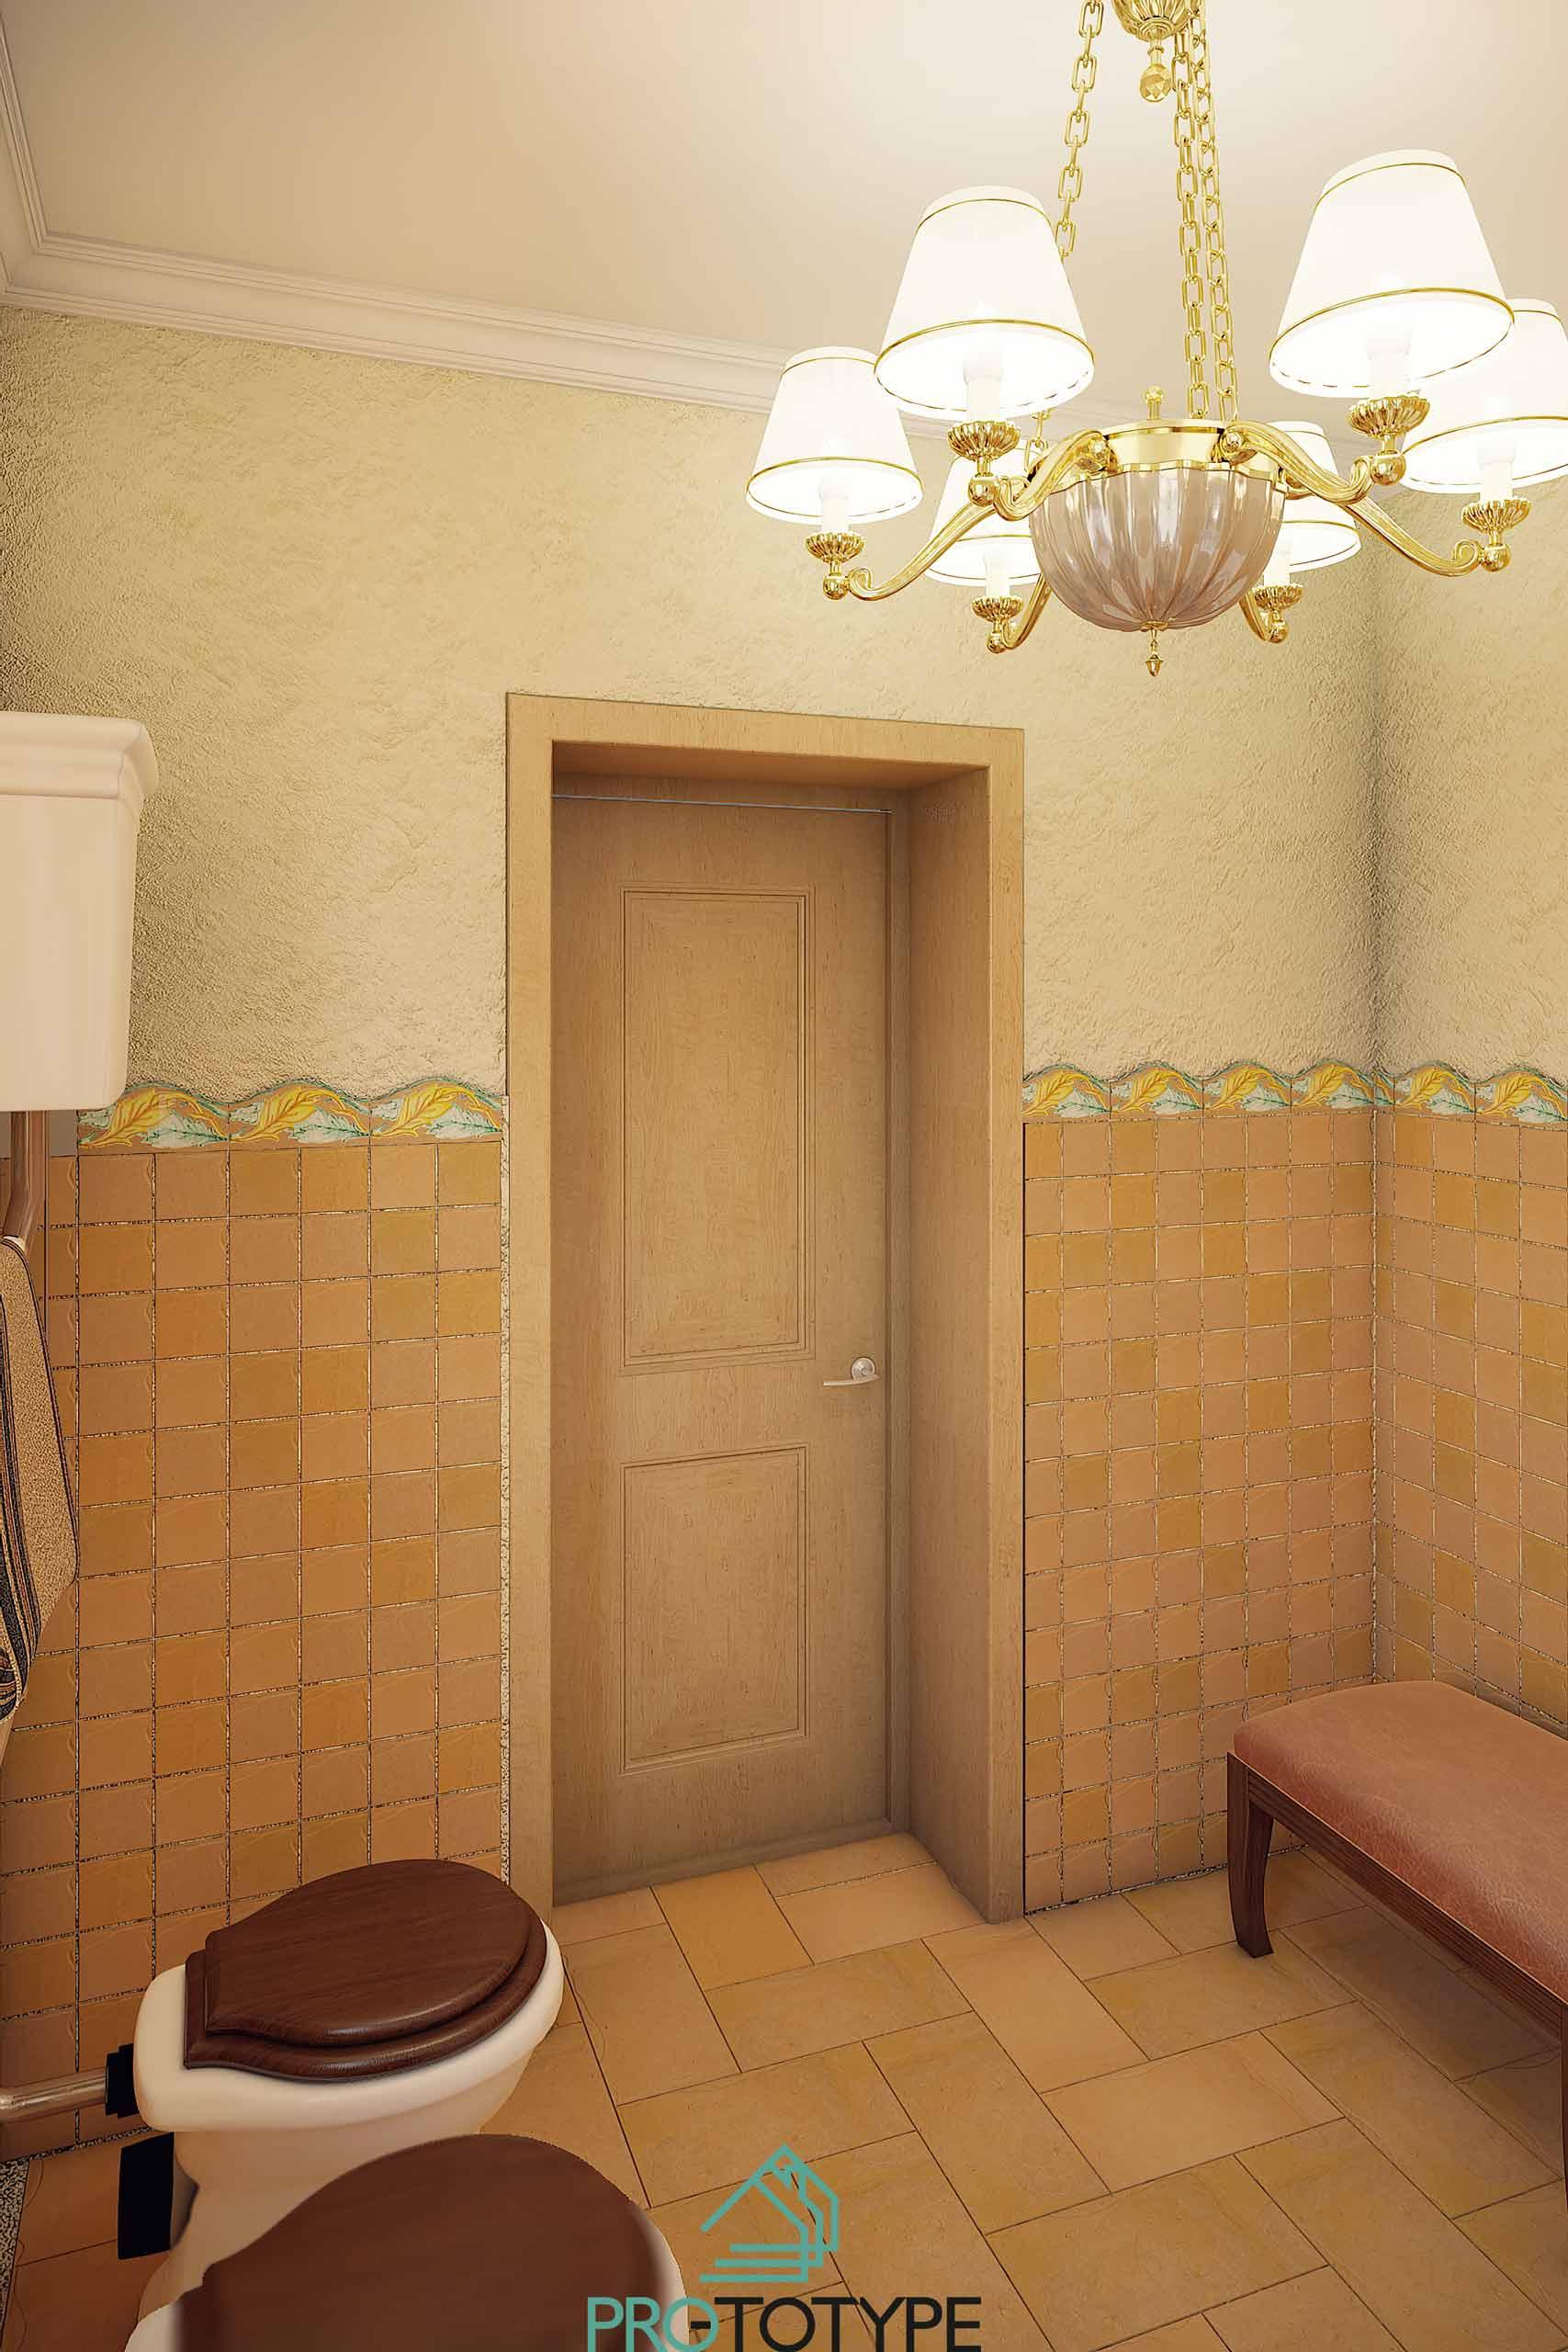 Ванная украшенная декоративной штукатуркой и плиткой оригинальной расцветки натуральной глины